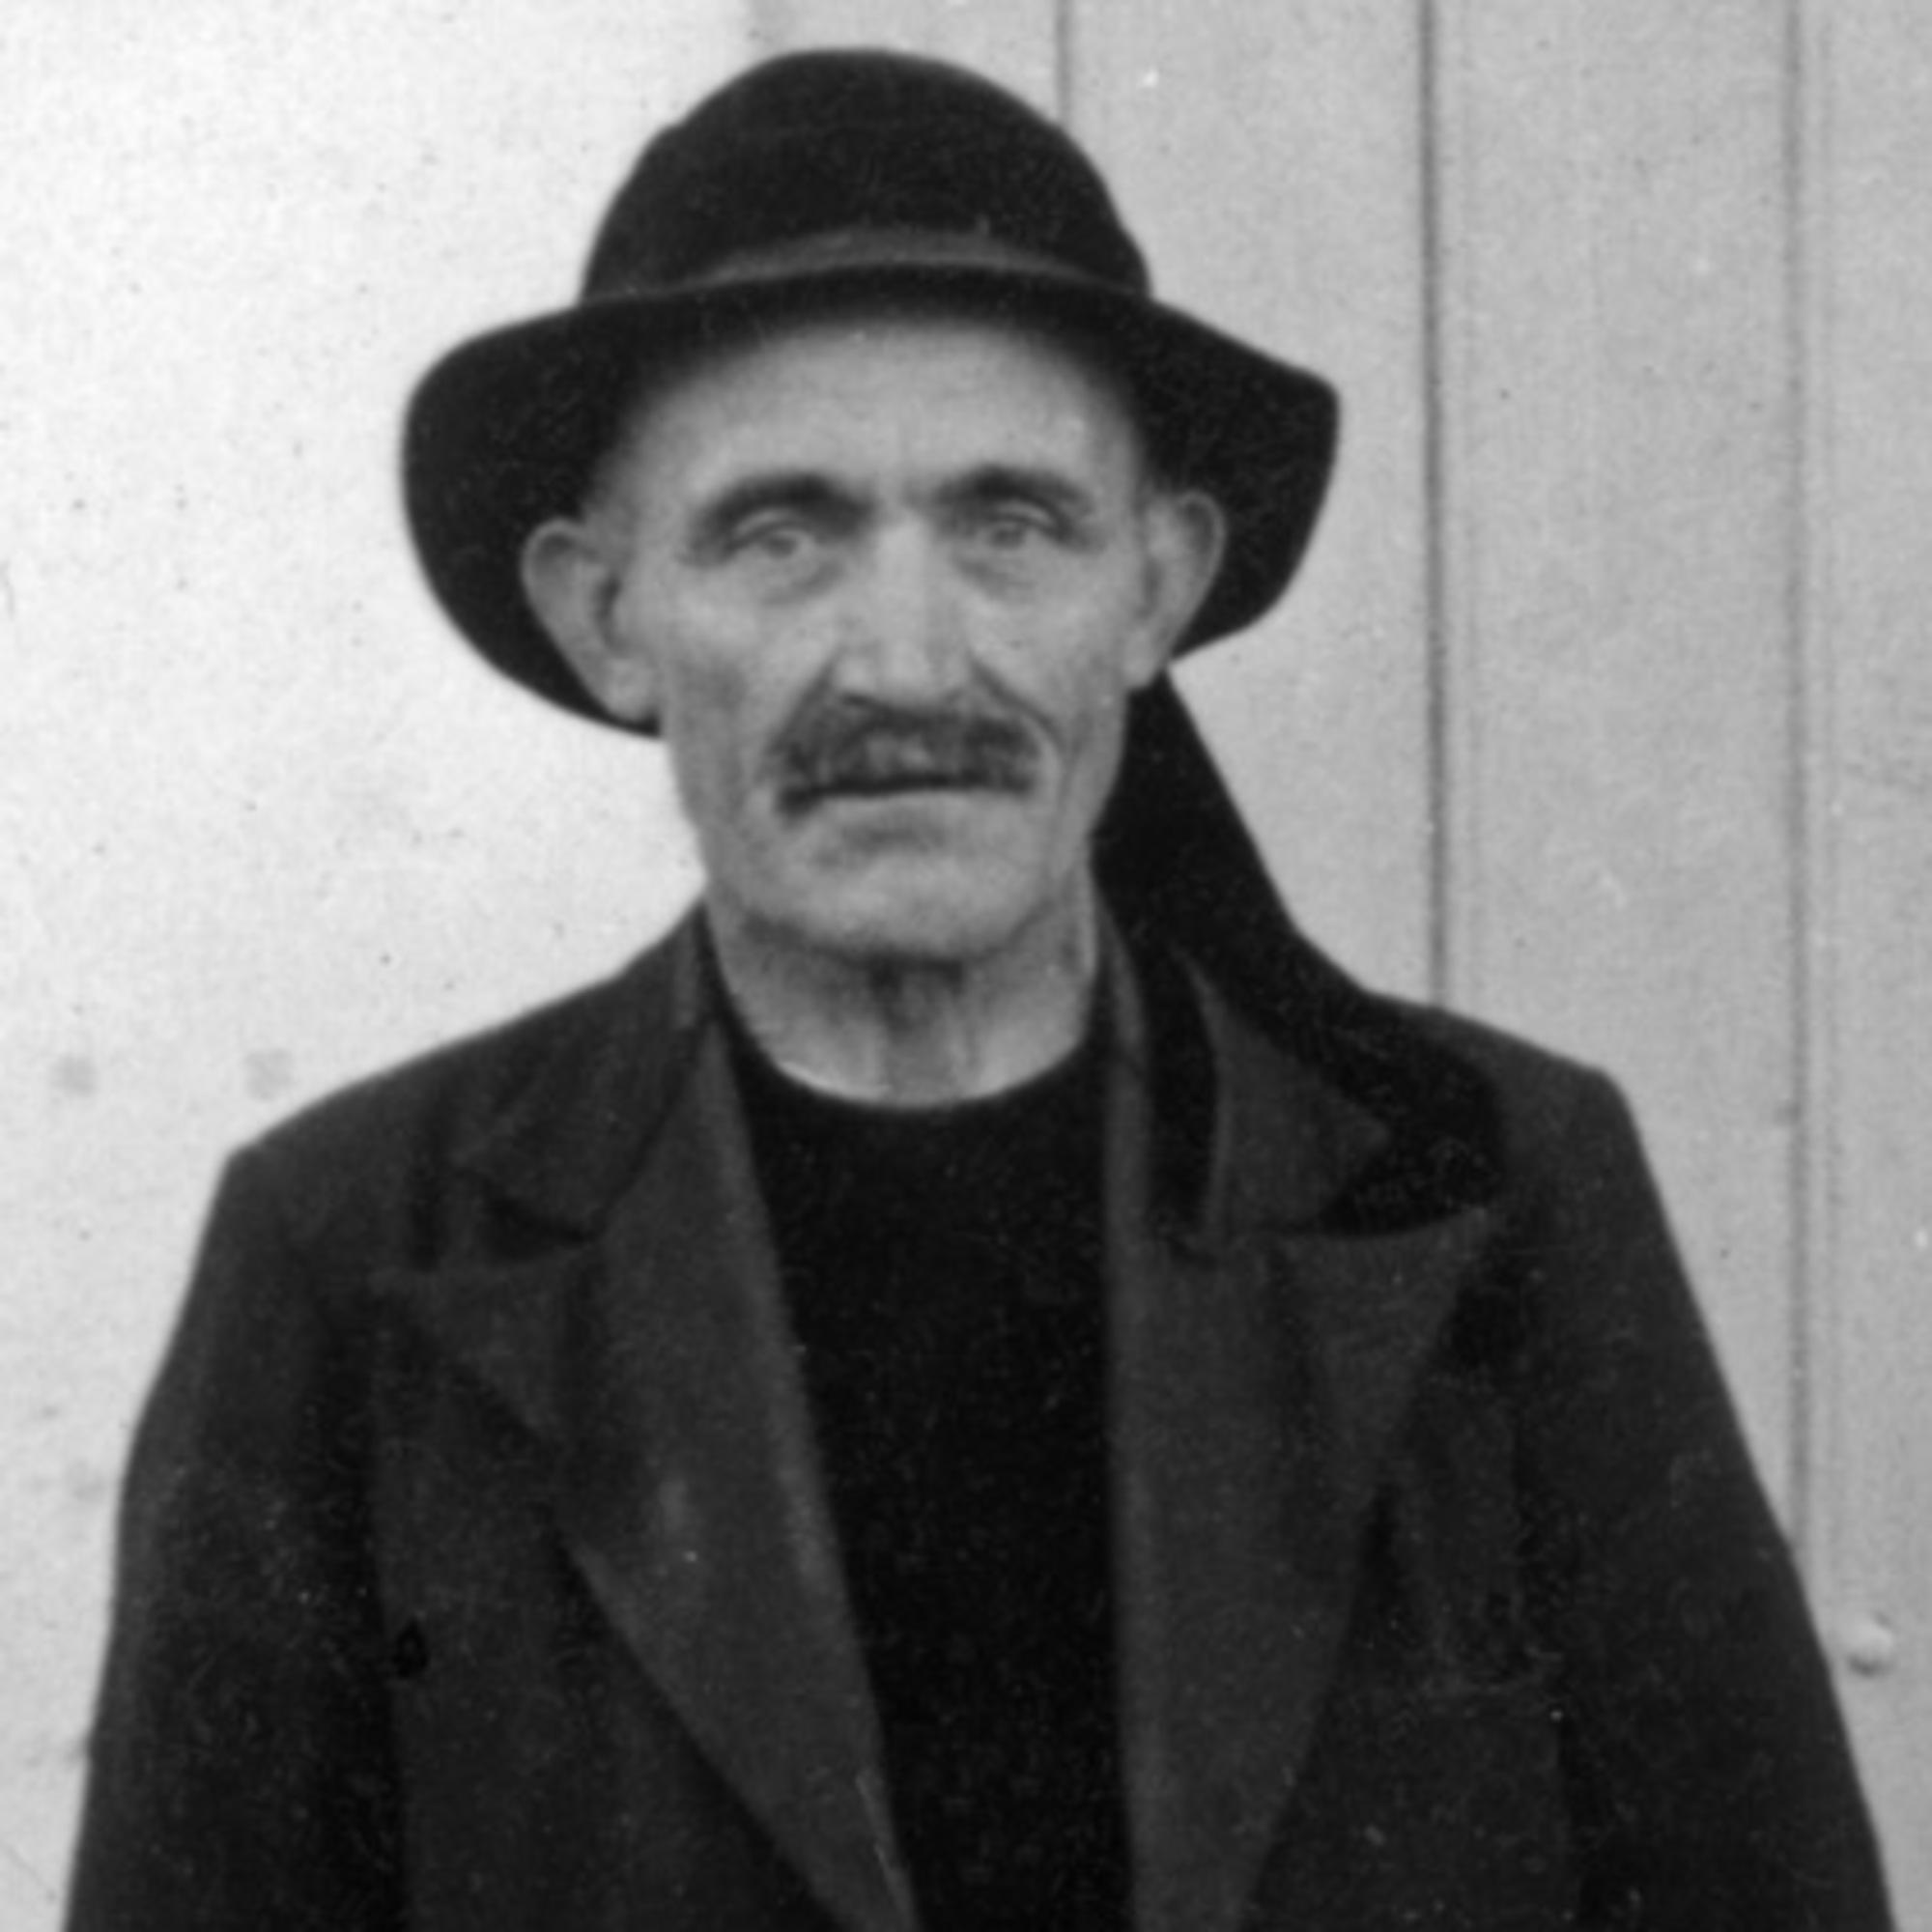 Alain Gentric portrait